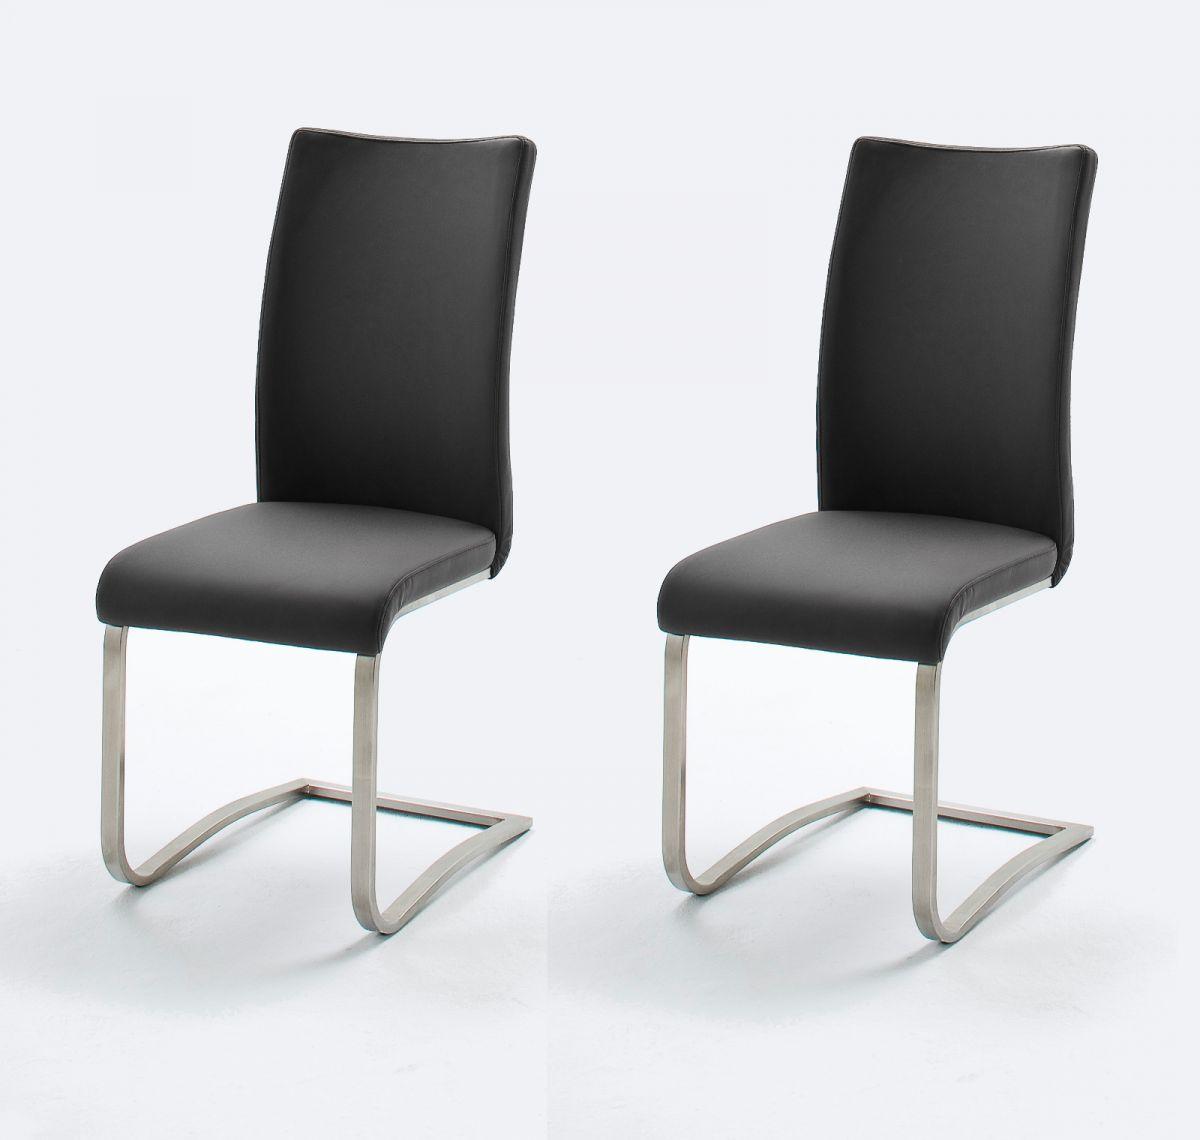 2 x Stuhl Arco Schwarz Freischwinger Leder